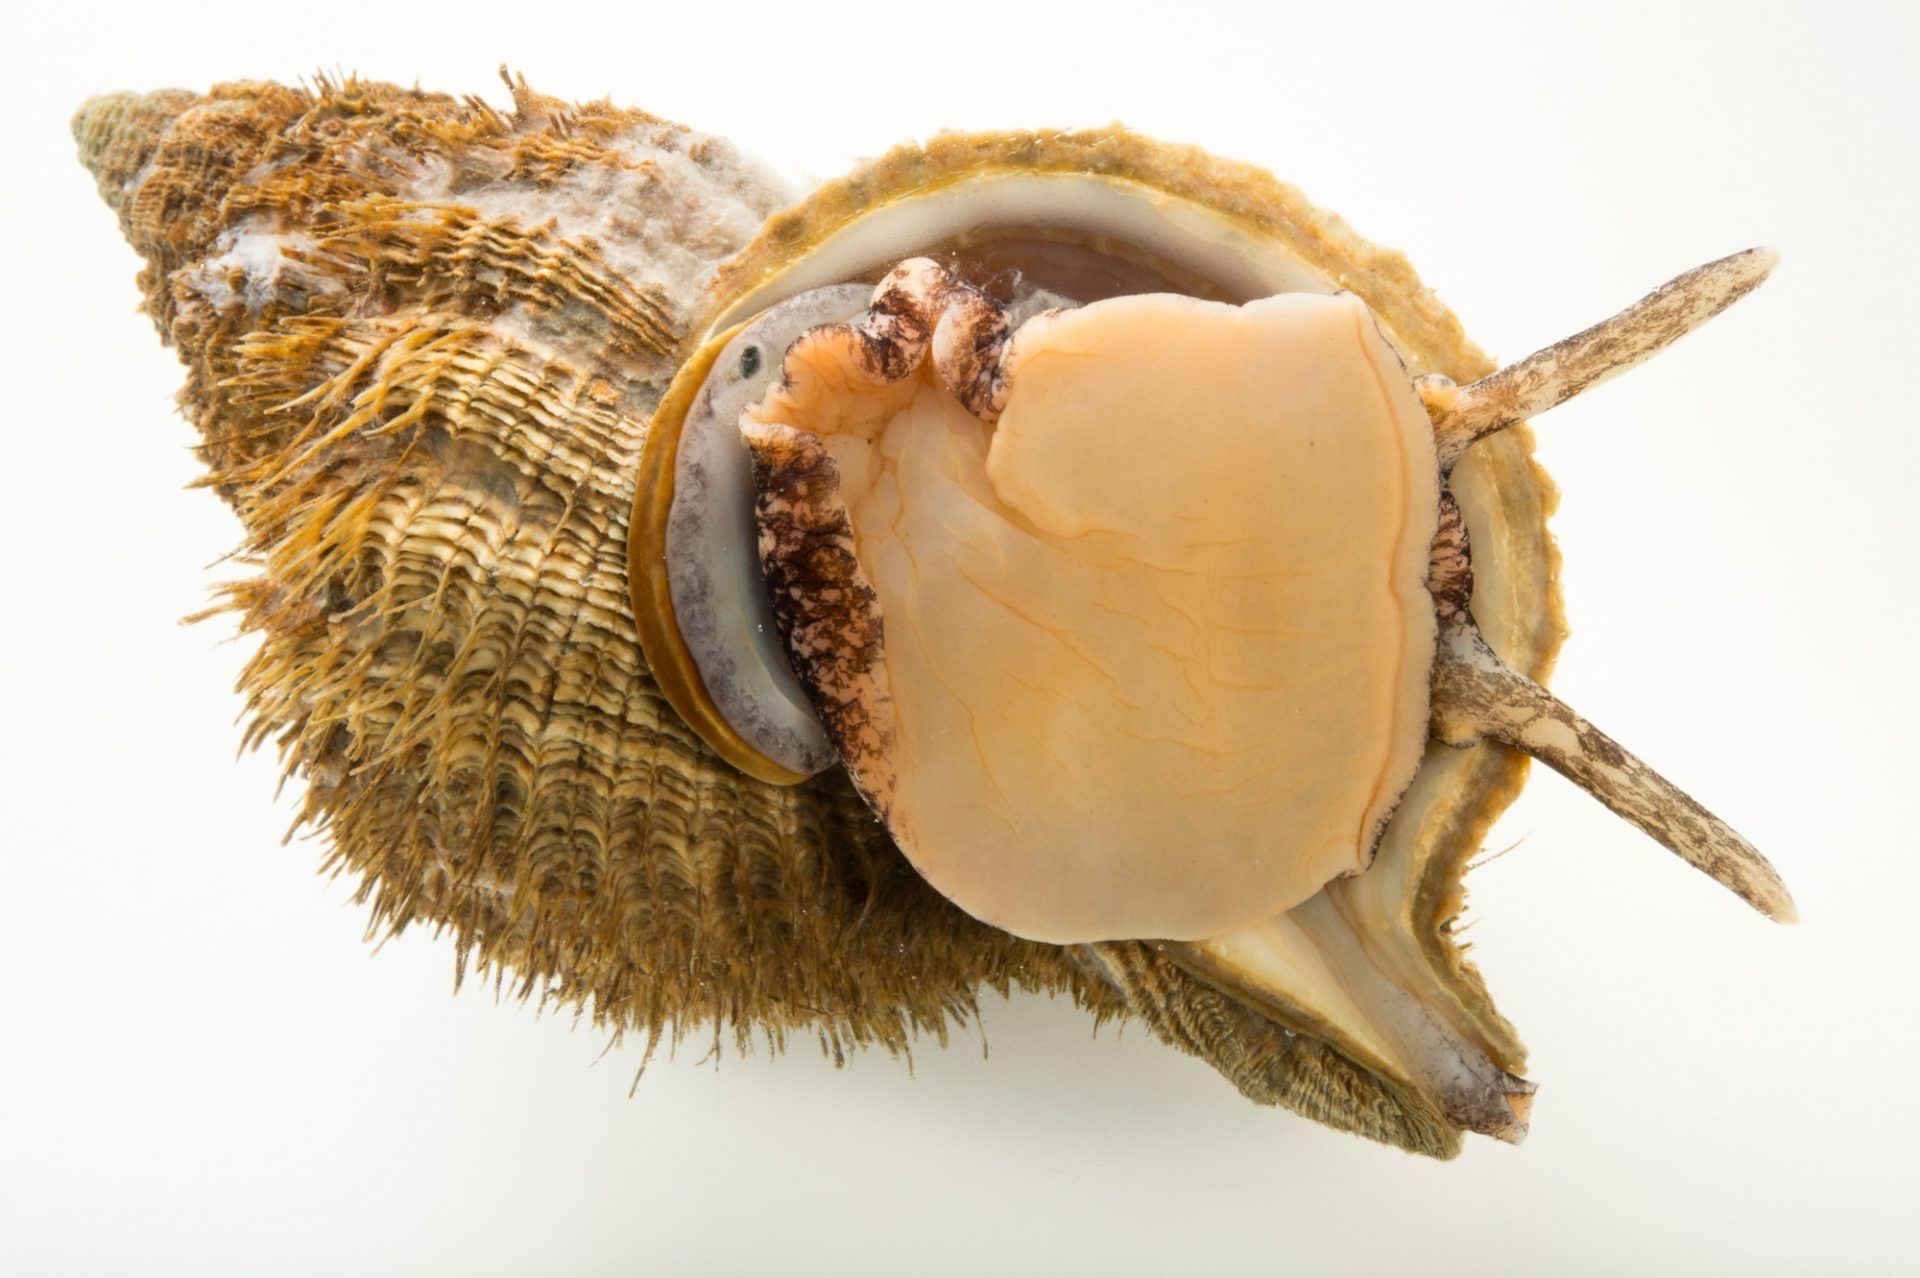 Photo: A hairy triton snail (Fusitriton oregonensis) at the Alaska SeaLife Center.